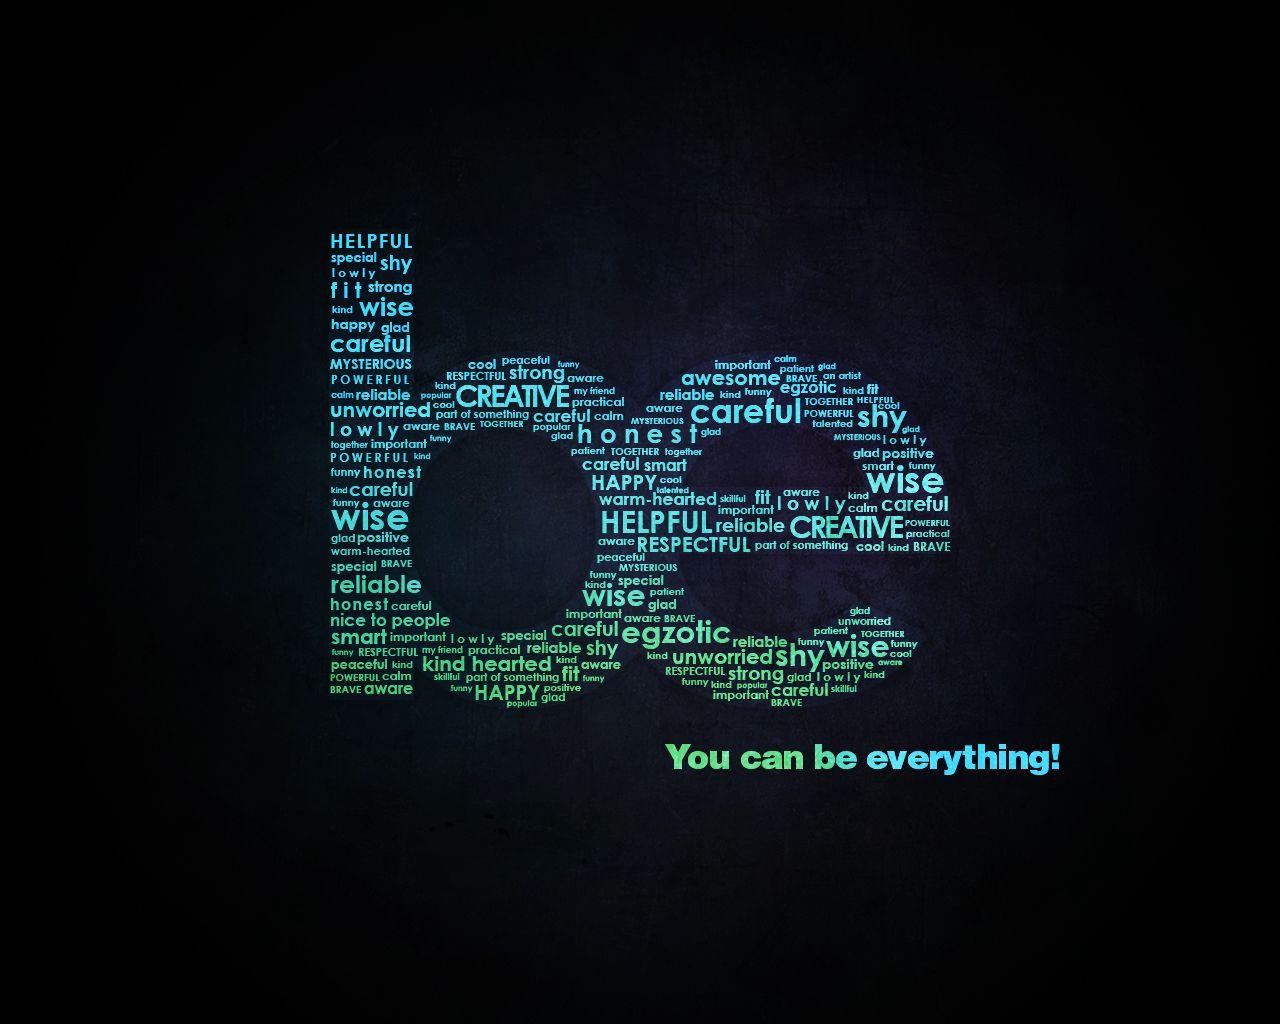 Inspirational Wallpaper 1280x1024px #833435